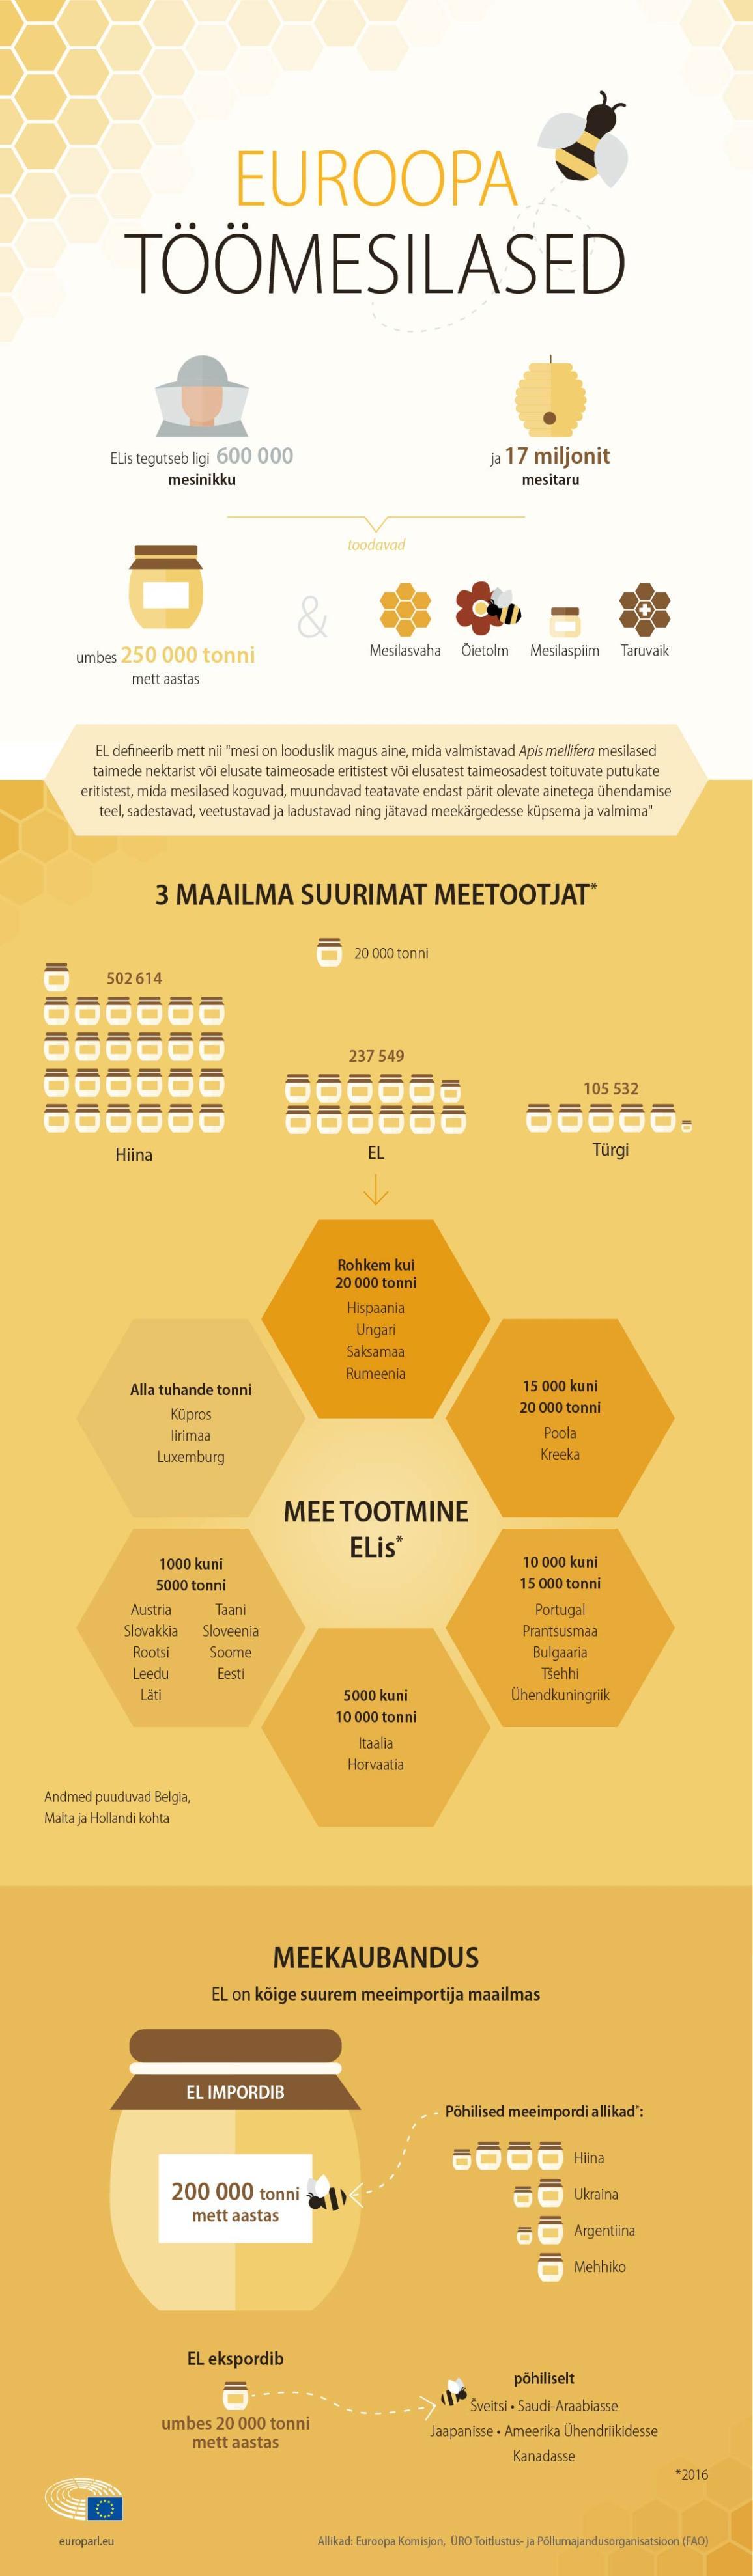 ELi meeturu infograafik